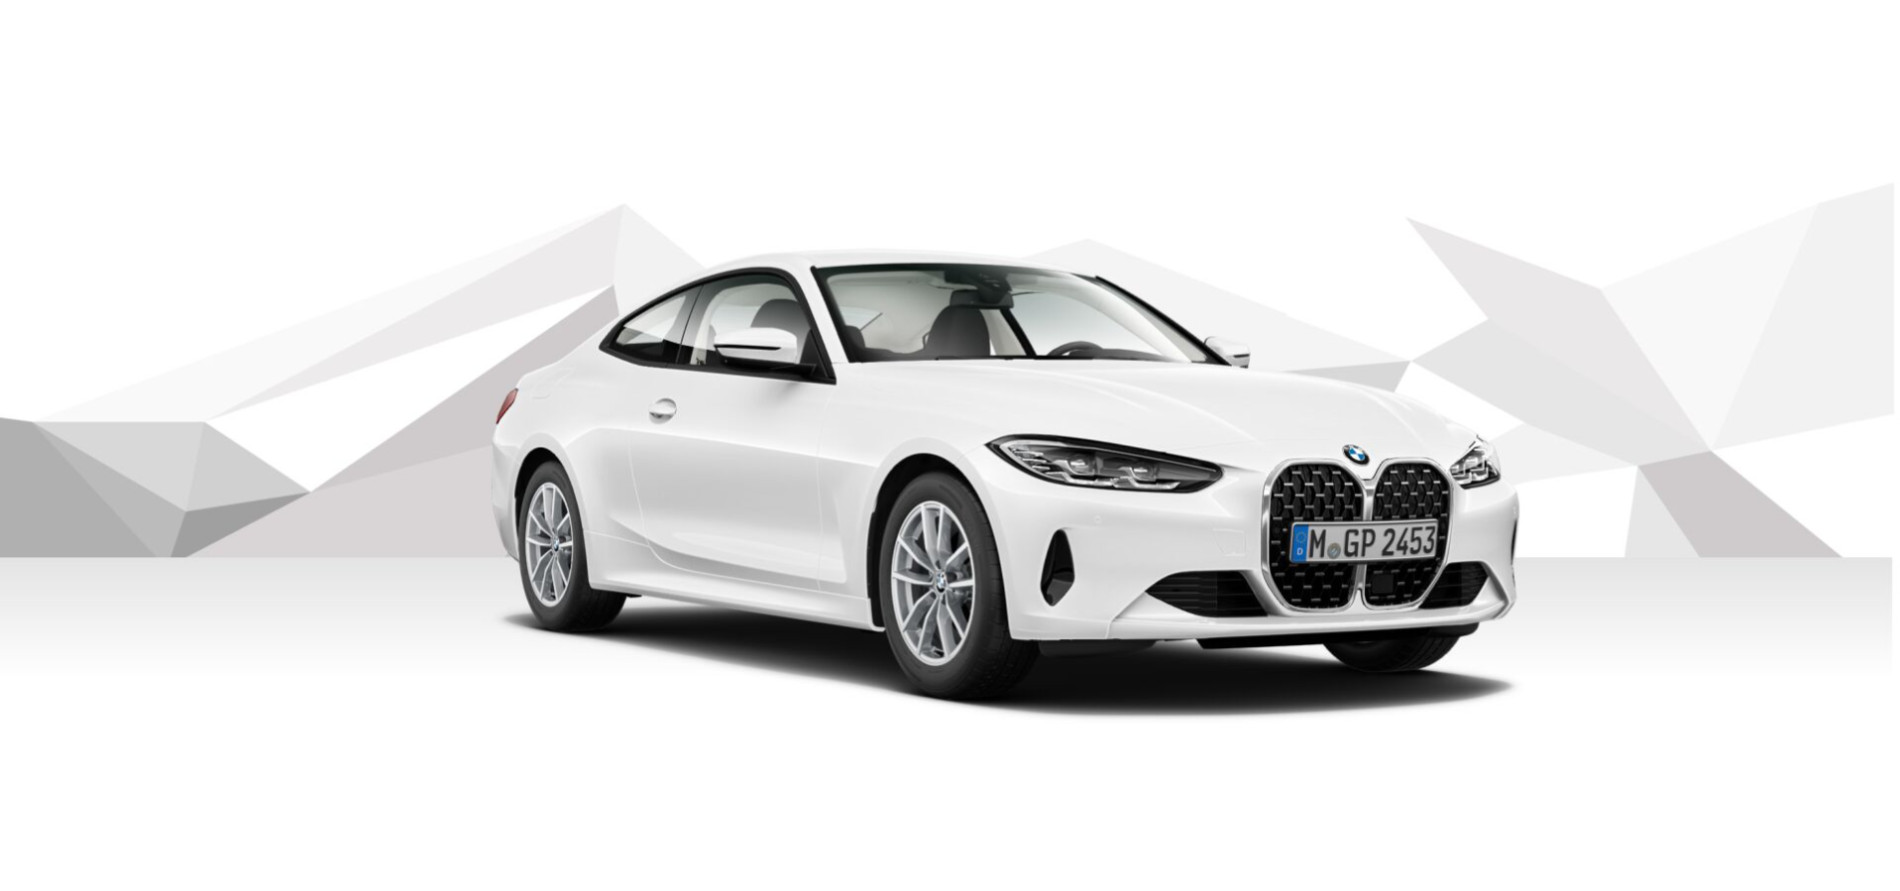 BMW Seria 4 Coupe - Versiunea de baza - BMW Seria 4 Coupe - Versiunea de baza